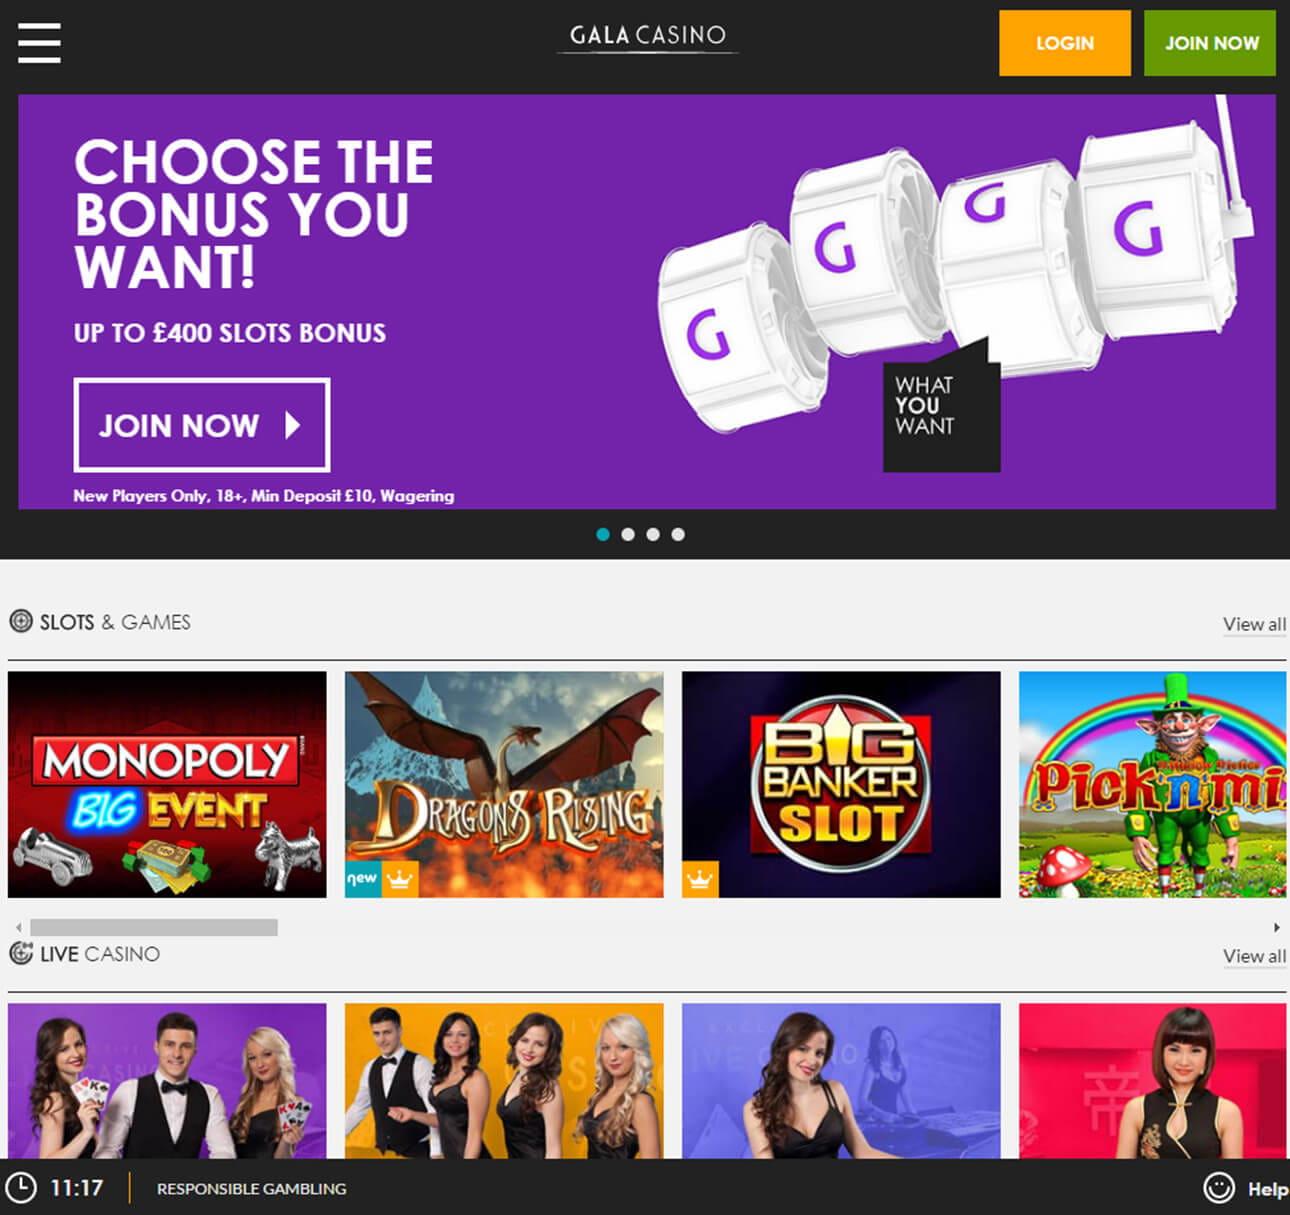 casino gala.com